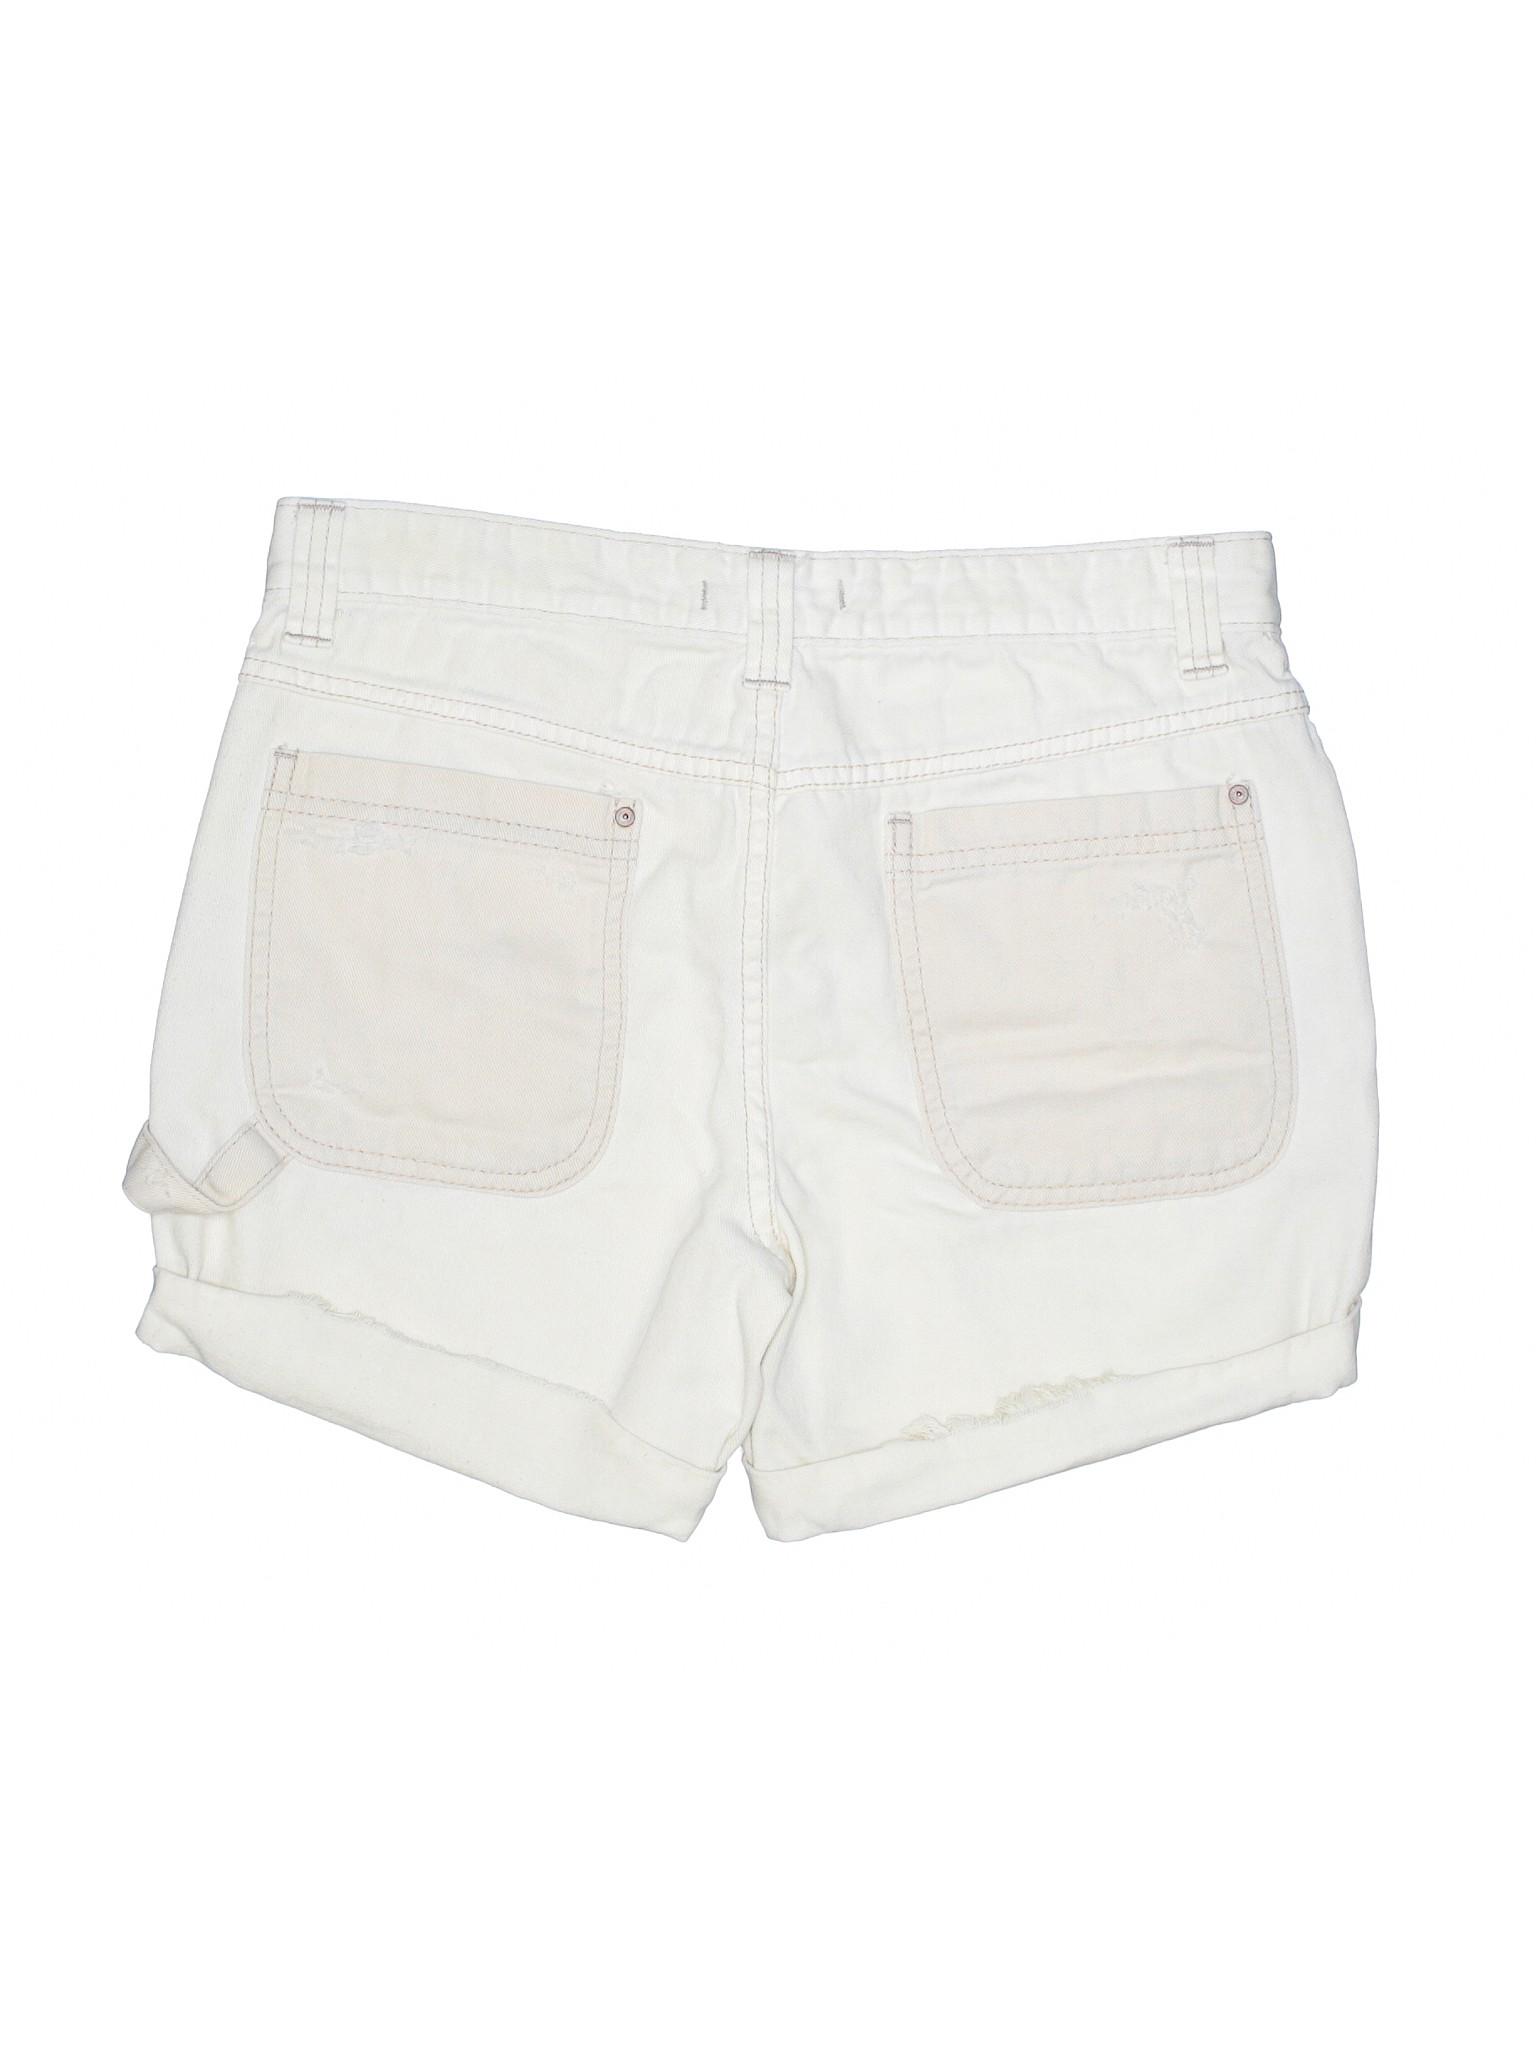 Denim People Free Shorts leisure Boutique q4fxtt